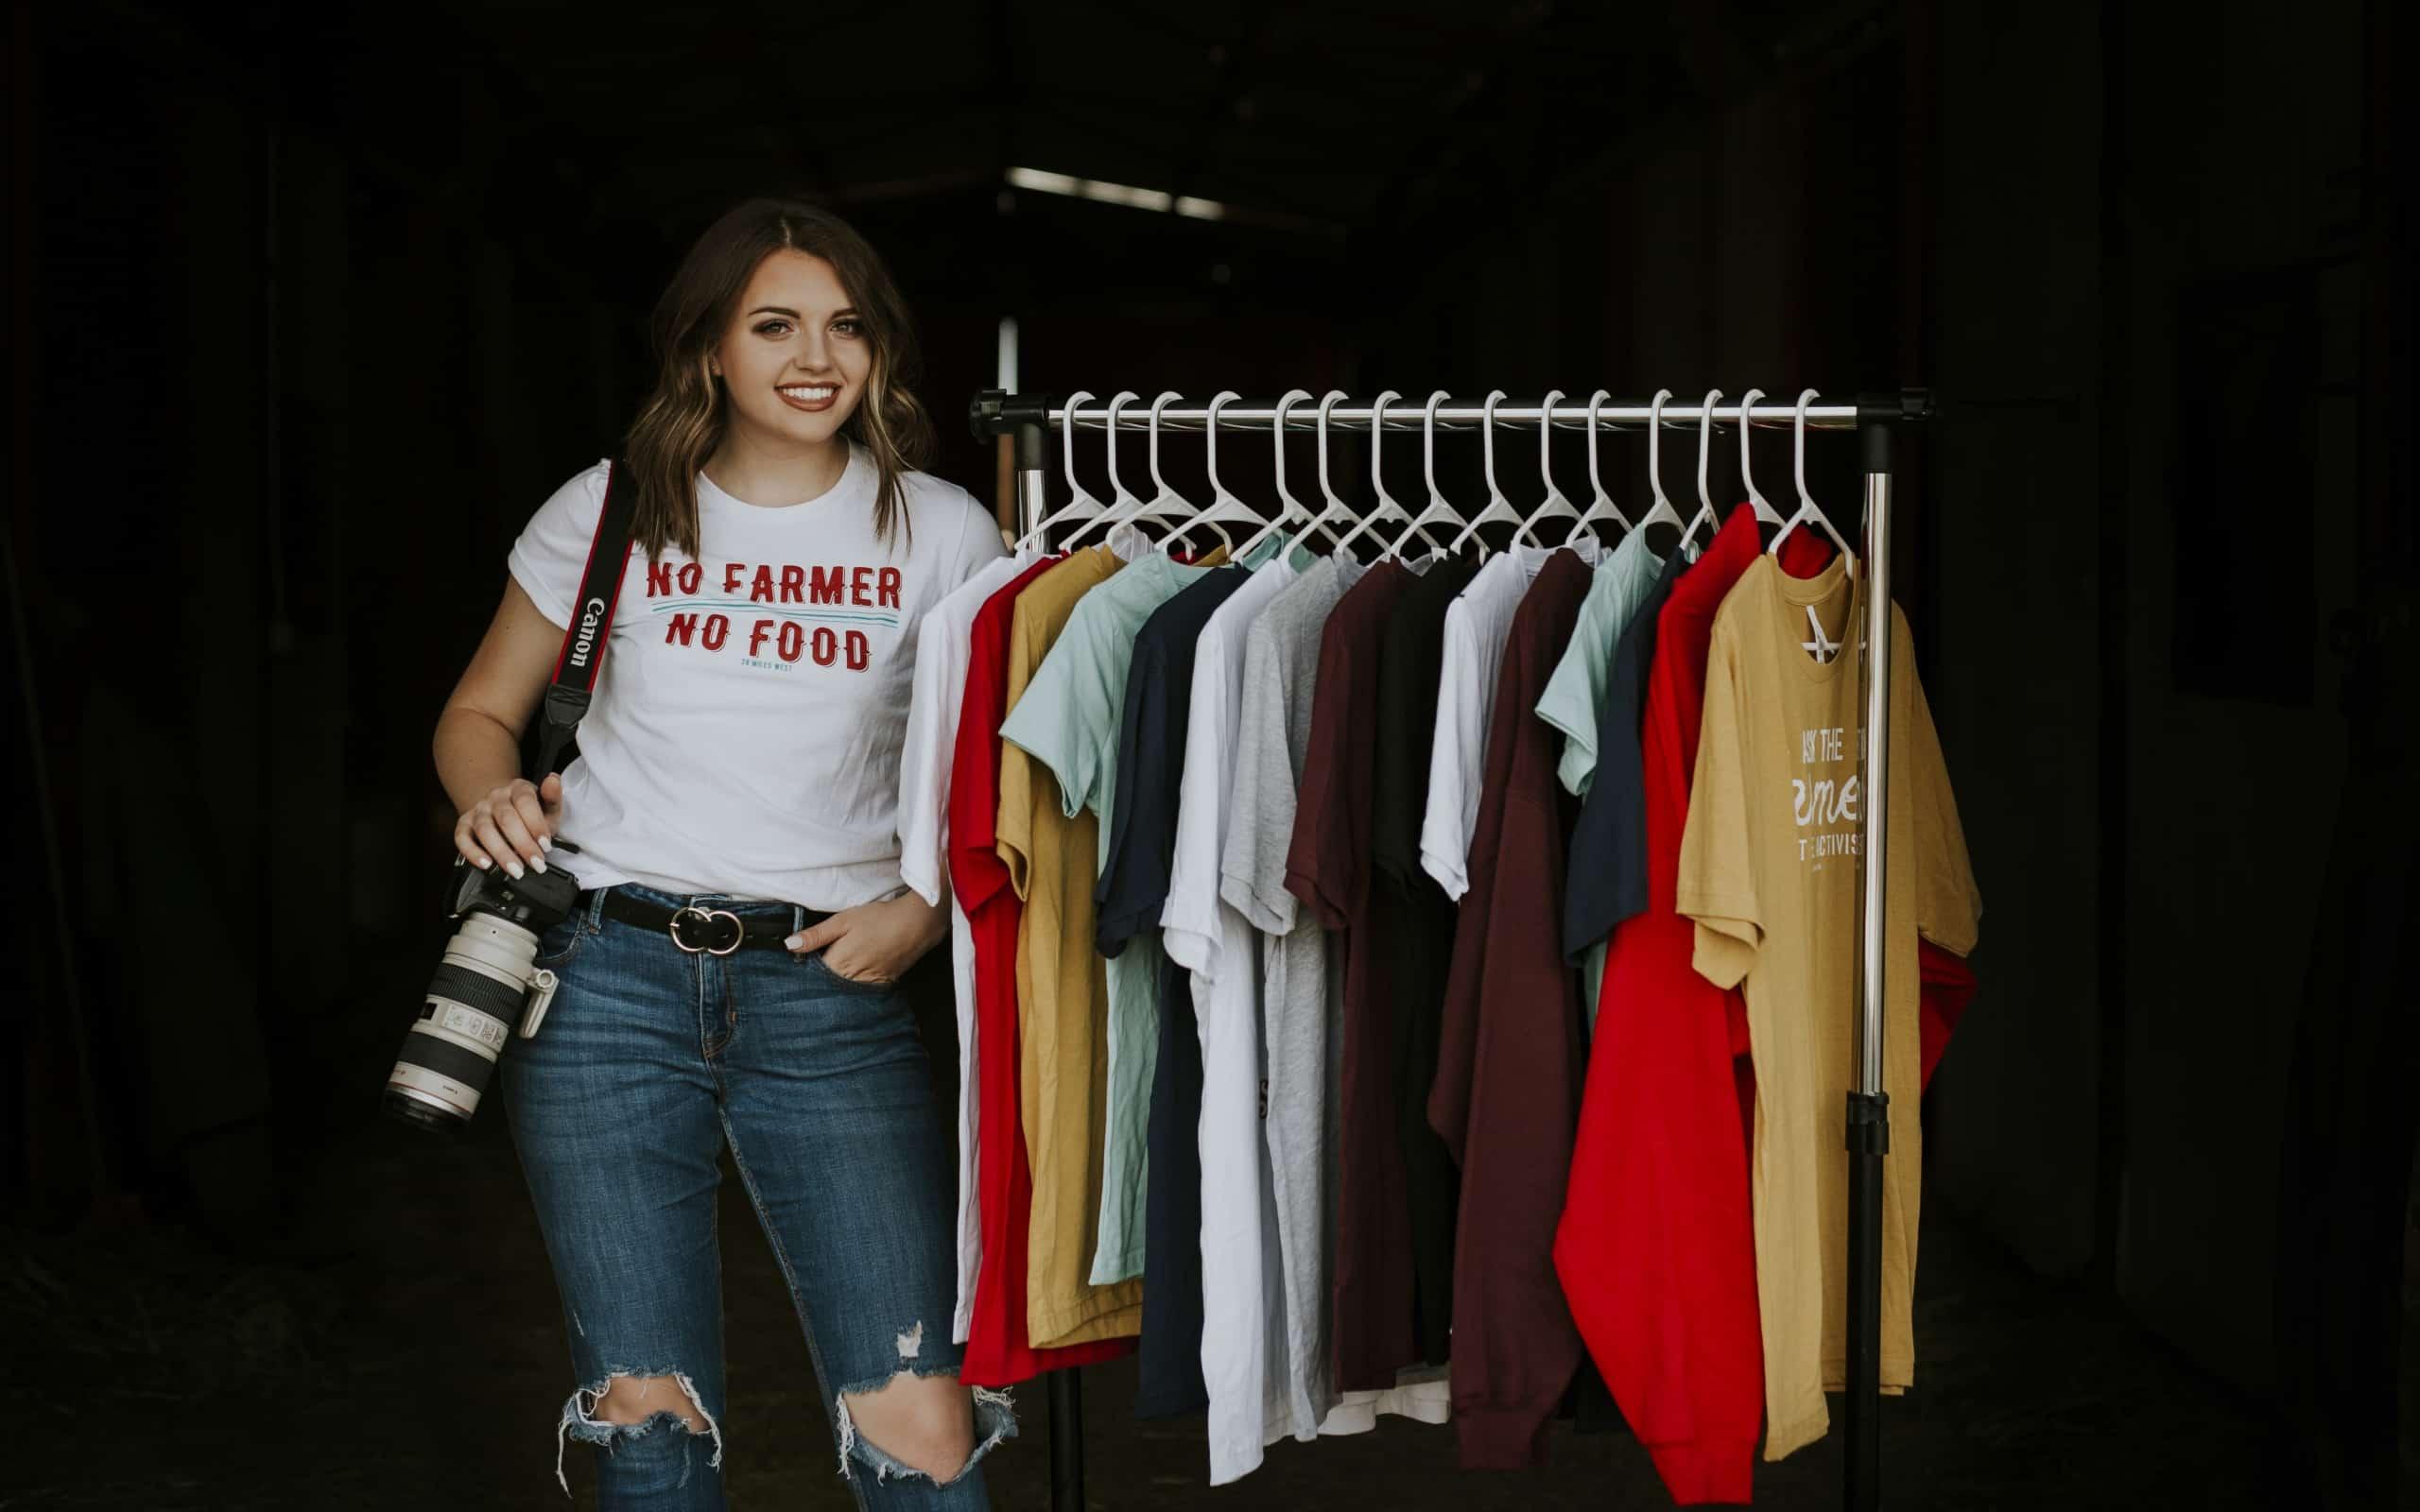 FFA Project Inspires Farm-Focused Fashion Line